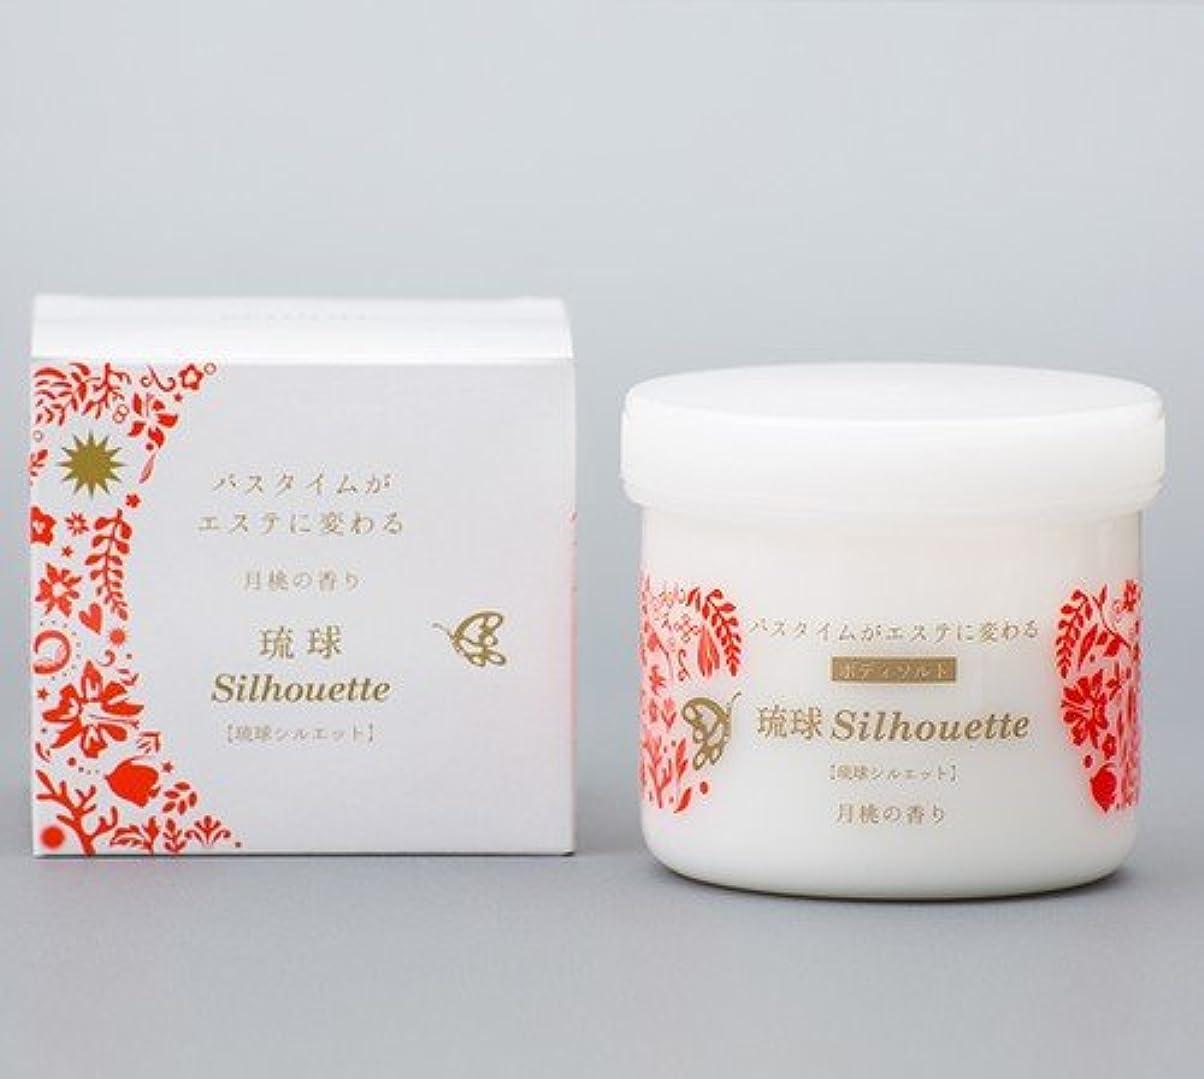 害虫バラエティ石化する月桃の香り 琉球シルエット ソルトソープ(200g)